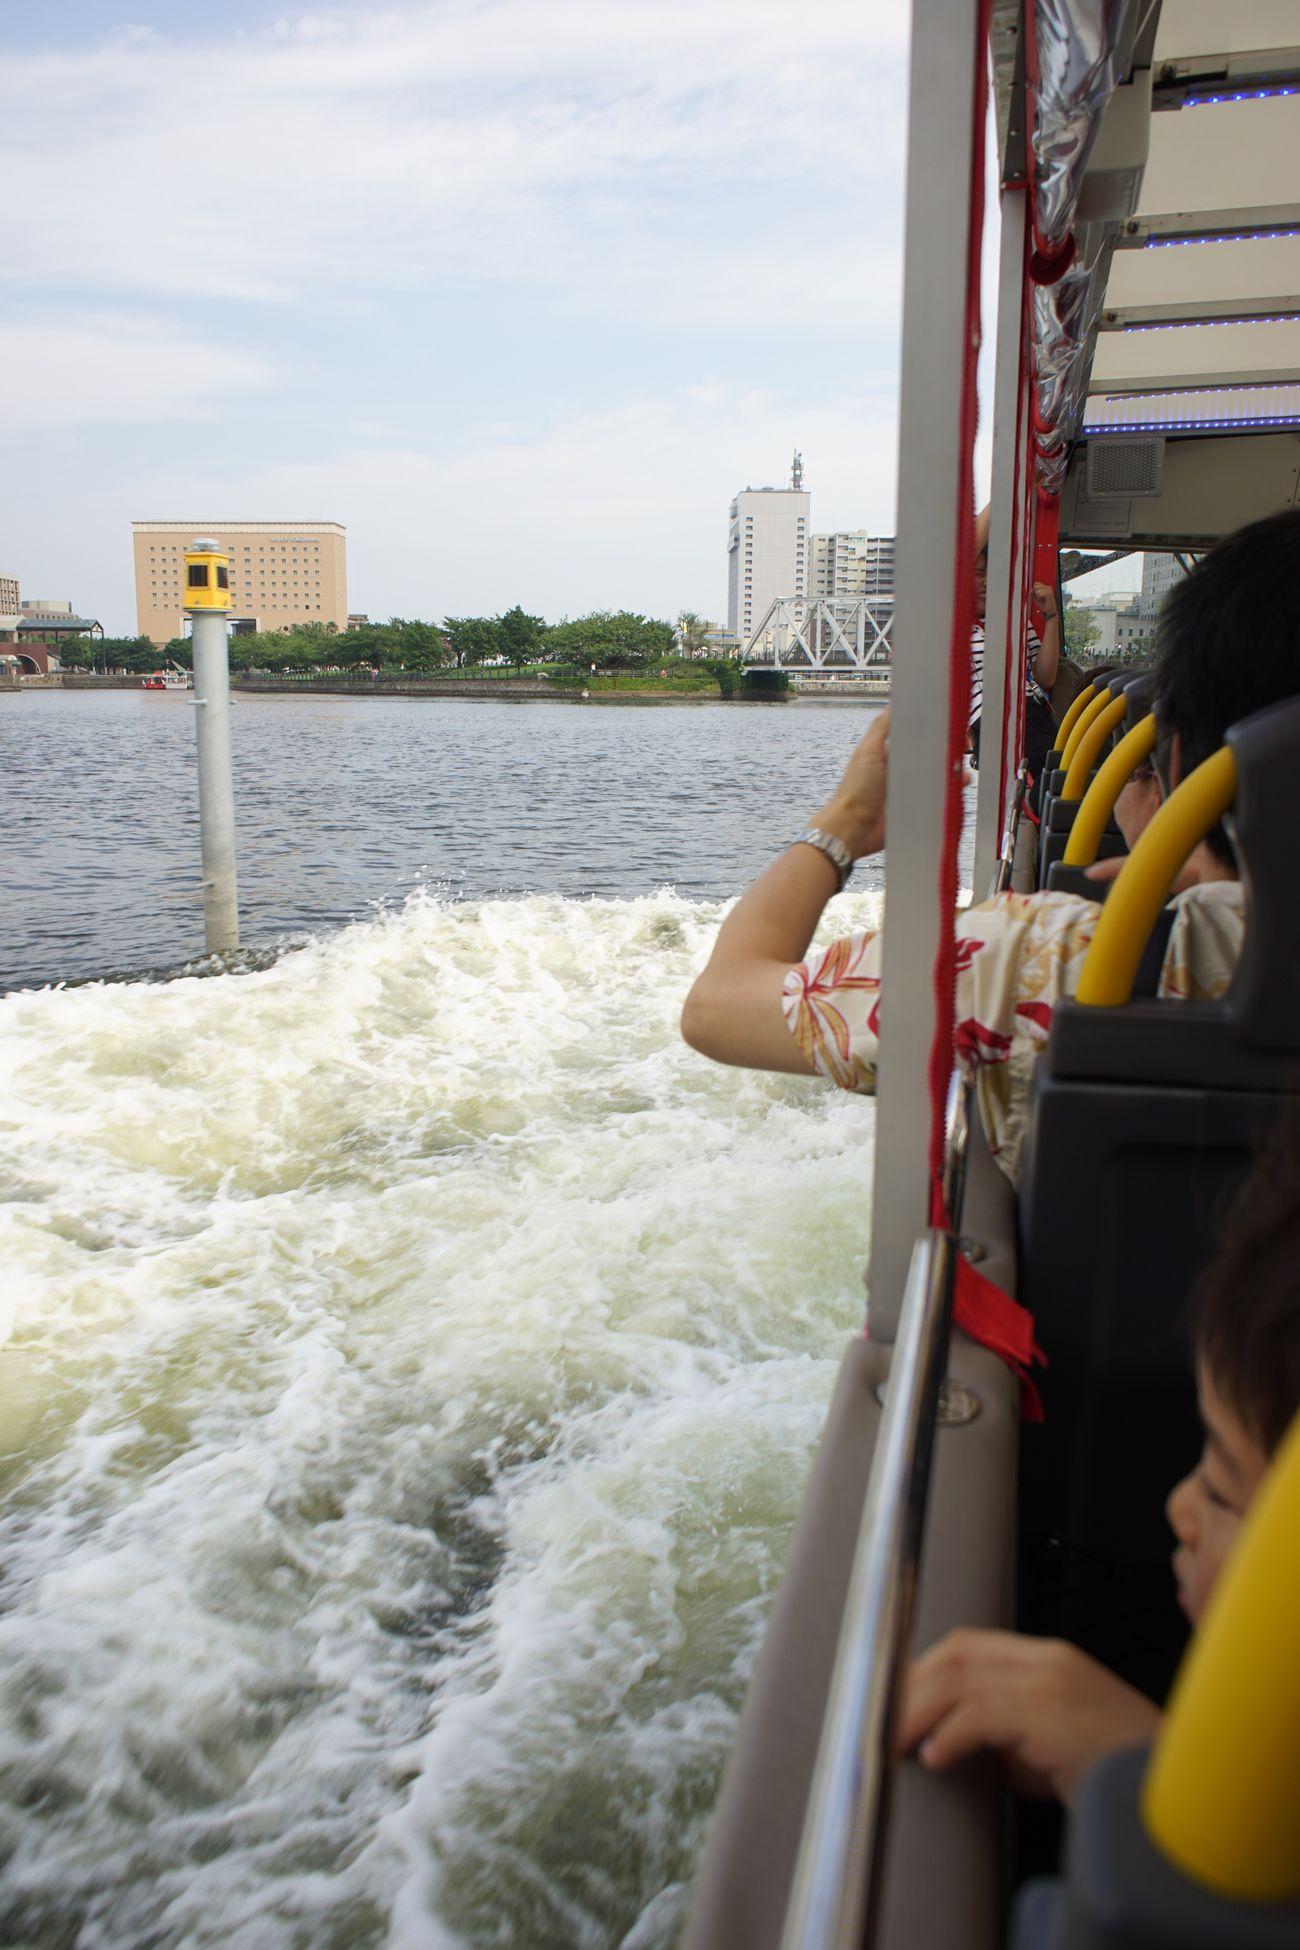 ざっぷぅ〜〜ん🌊っと進水‼ Yokohama Watching - Sky Duck Yokohama Watching Sky Duck Splash Amphibiancar Enjoying Life I ❤️ Yokohama. City Life The Purist (no Edit, No Filter) Snapshot Taking Photos Walking Around お写ん歩